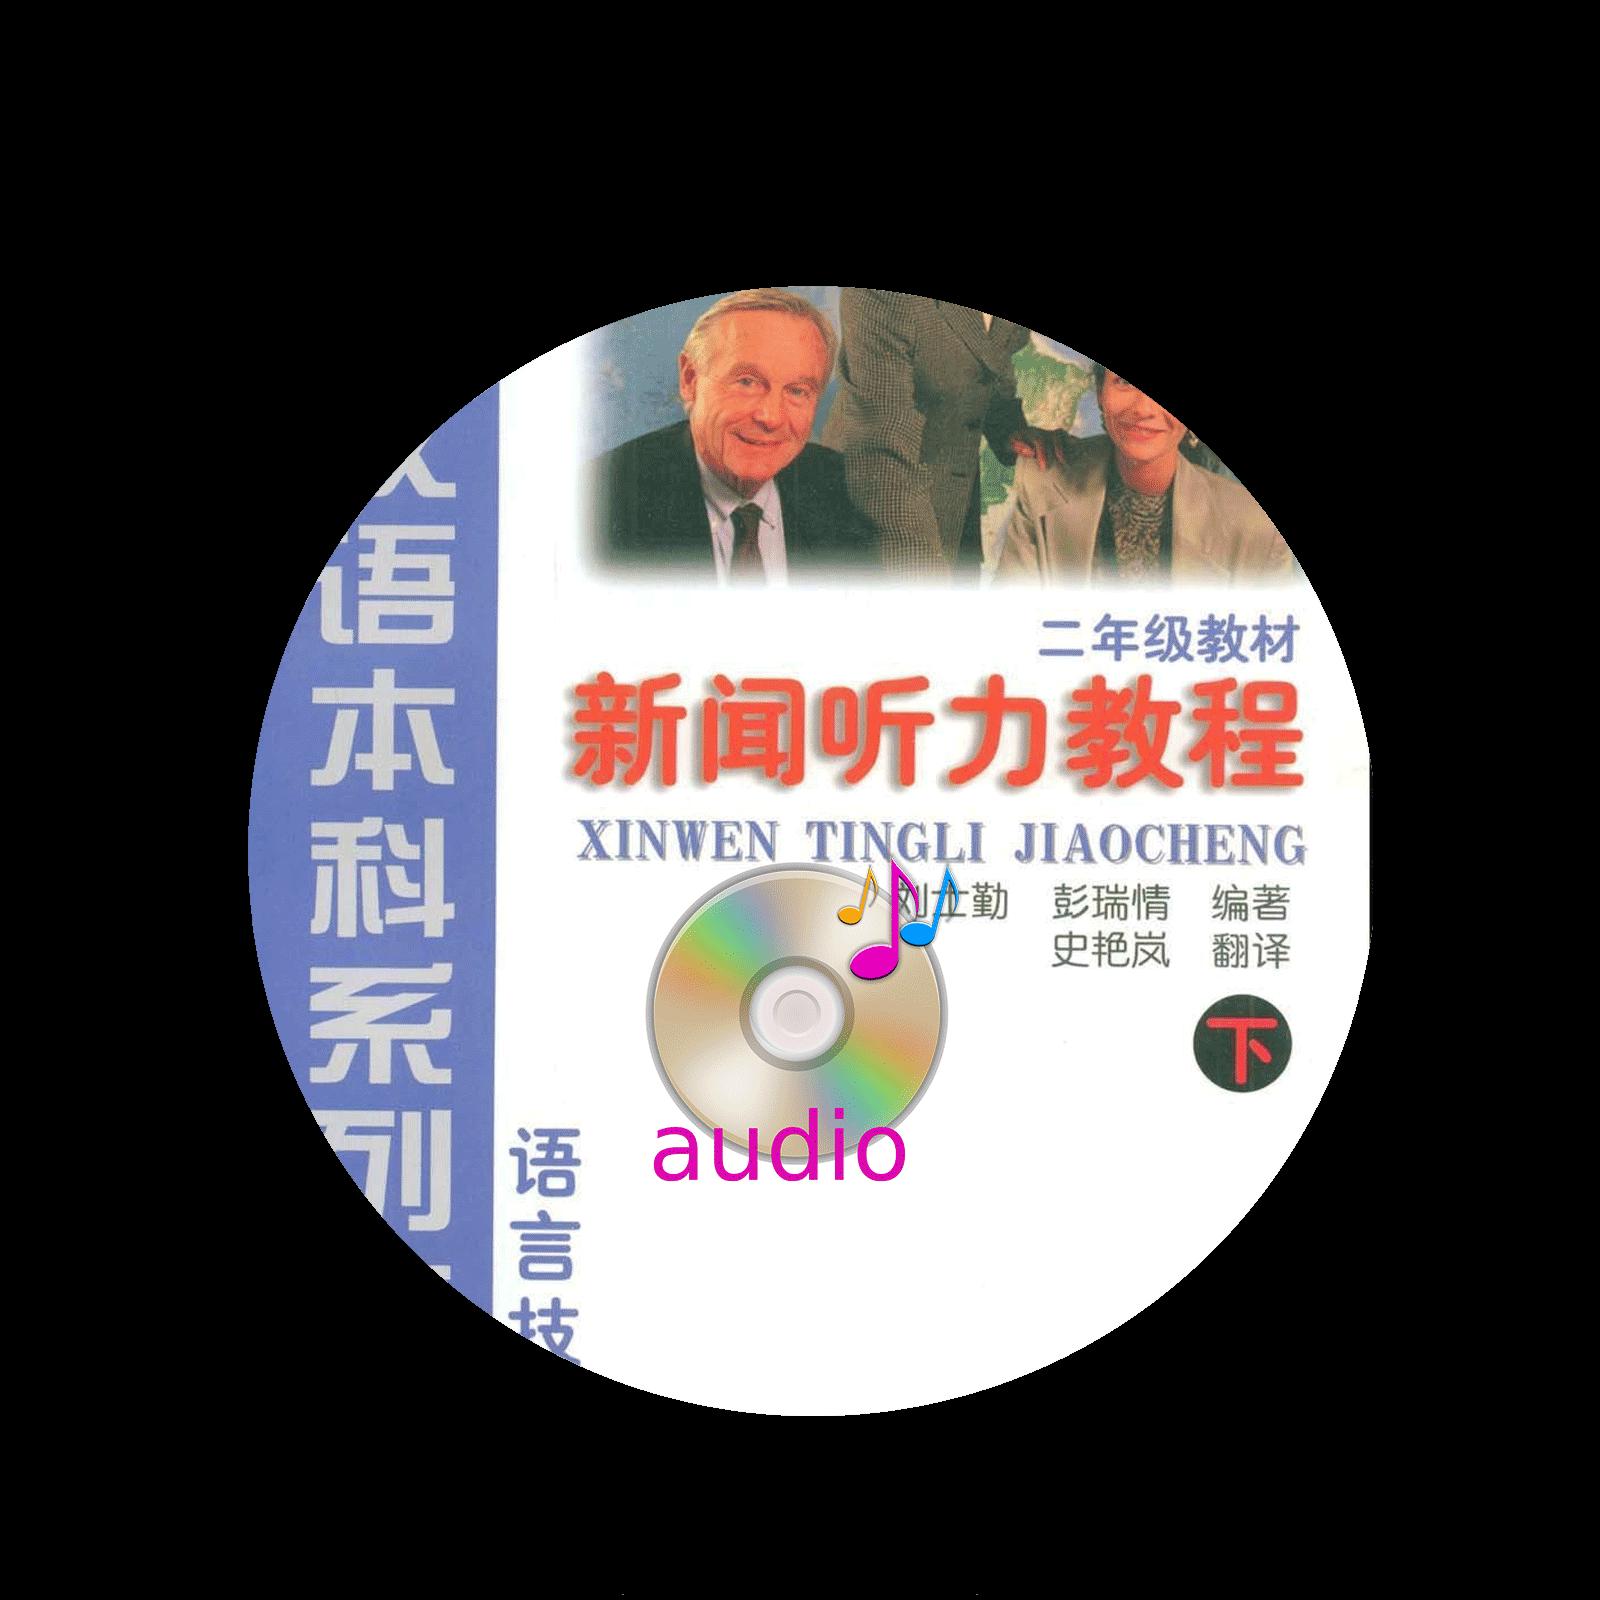 Xinwen Tingli Jiaocheng di2ce Audio